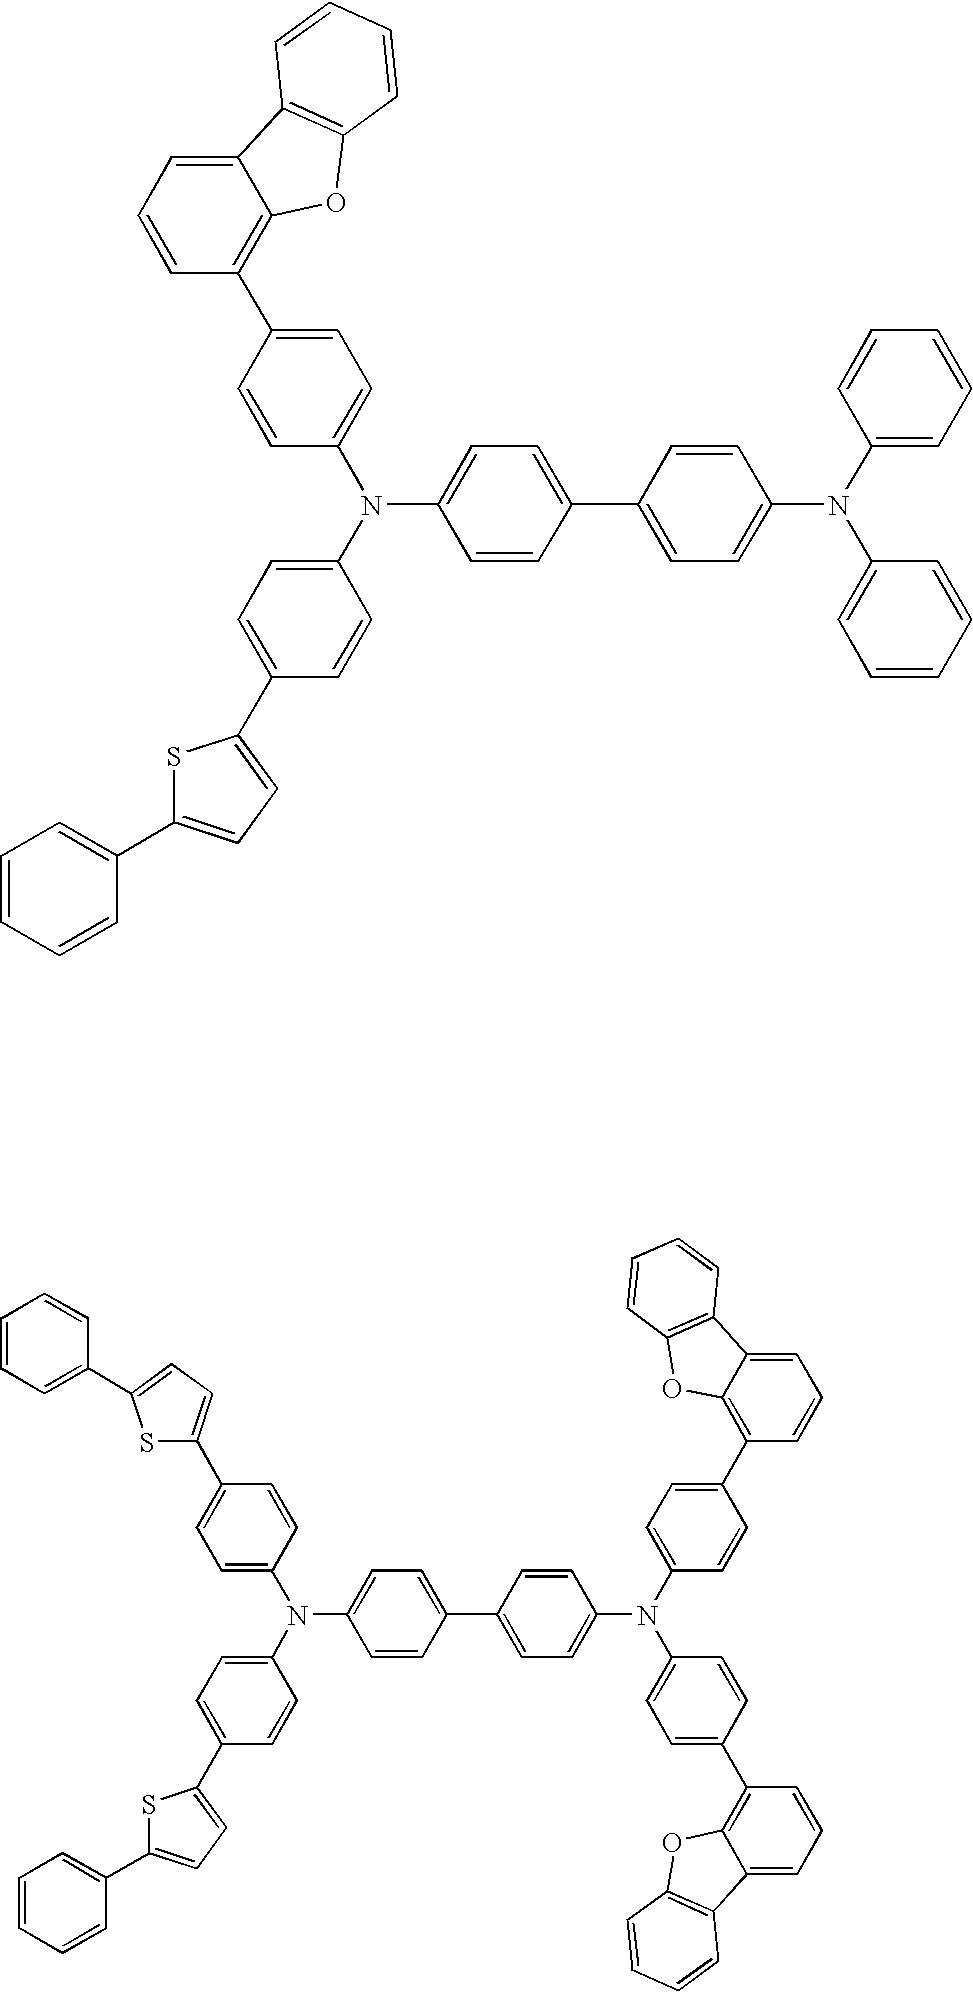 Figure US20090066235A1-20090312-C00022